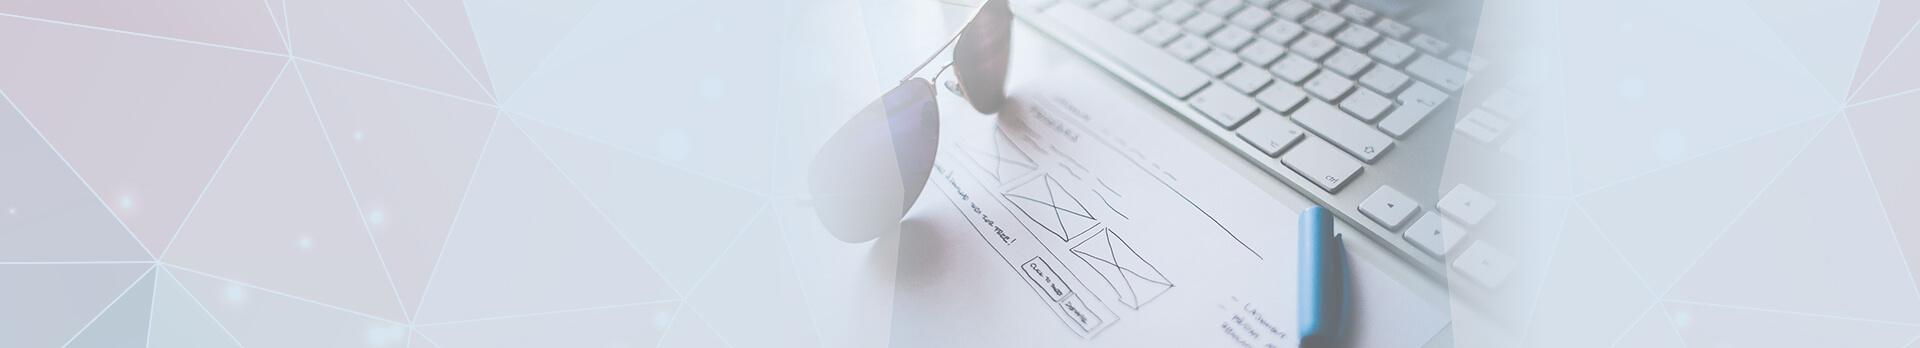 Webstudio Friendly это создание и продвижение сайтов, разработка web дизайна и техническая поддержка сайтов